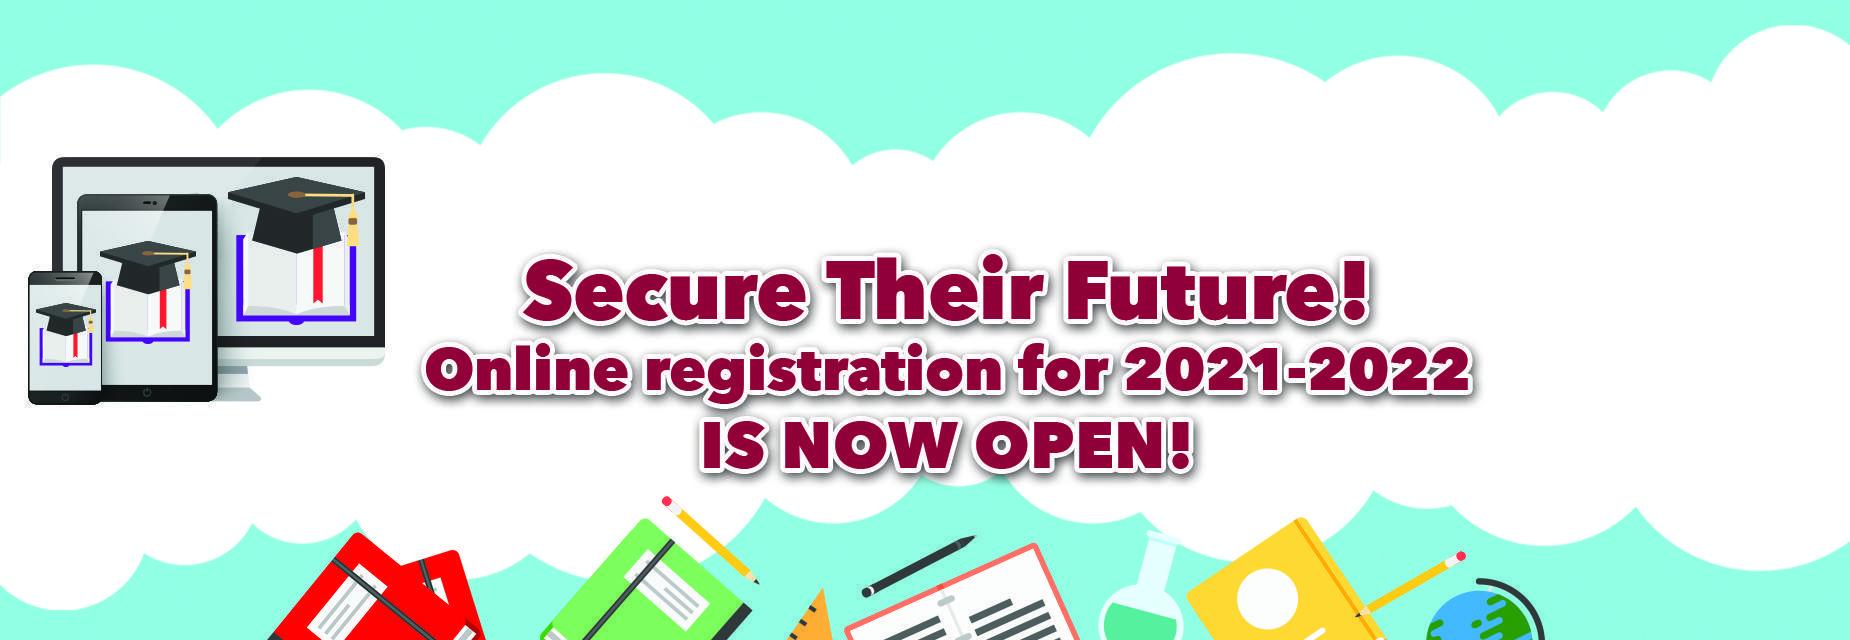 online registration ad